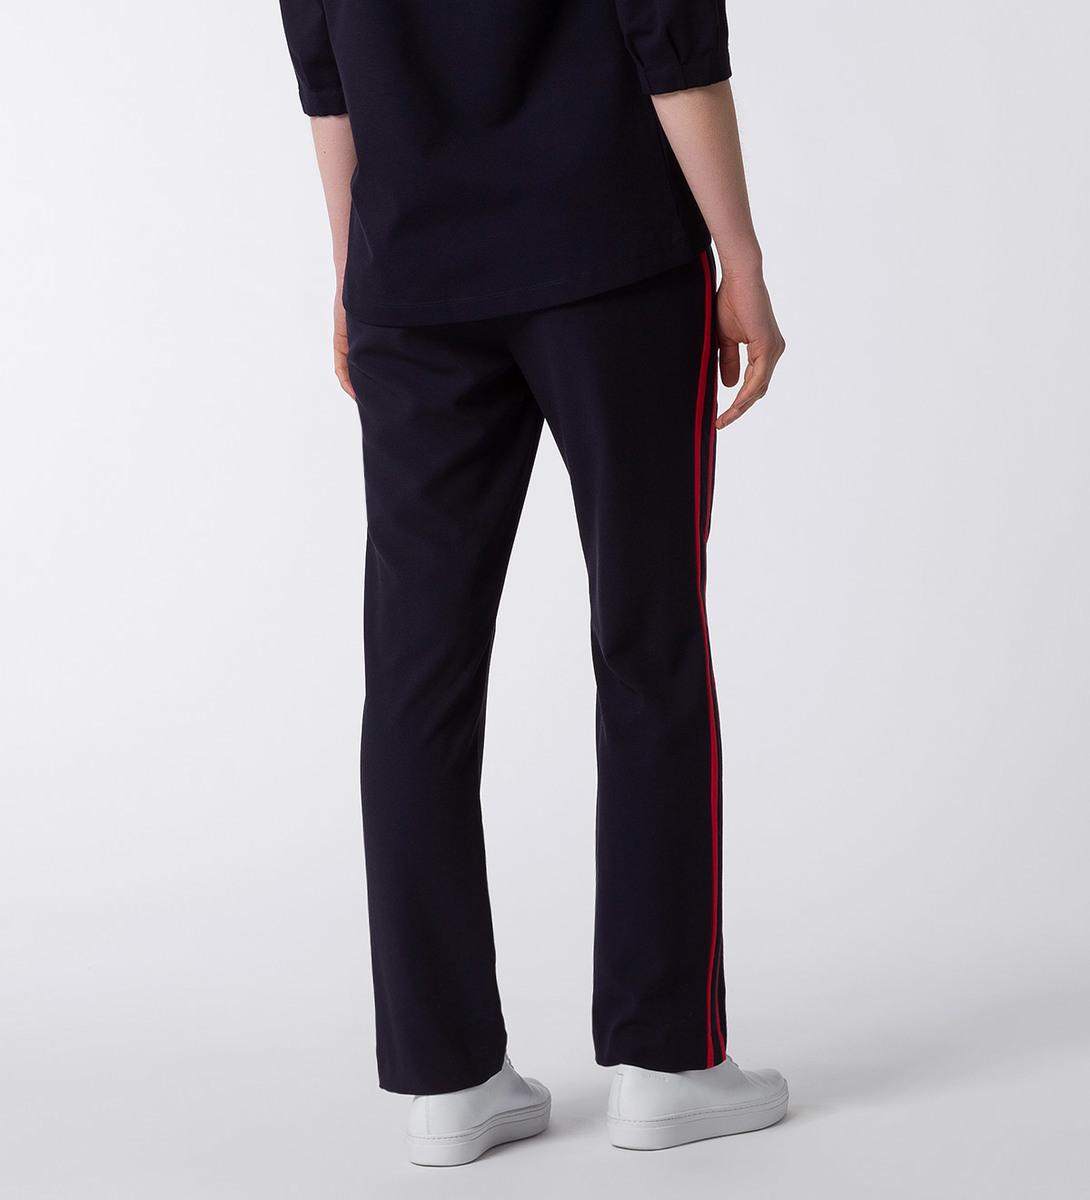 Hose mit Seitenstreifen 30 Inch in blue black